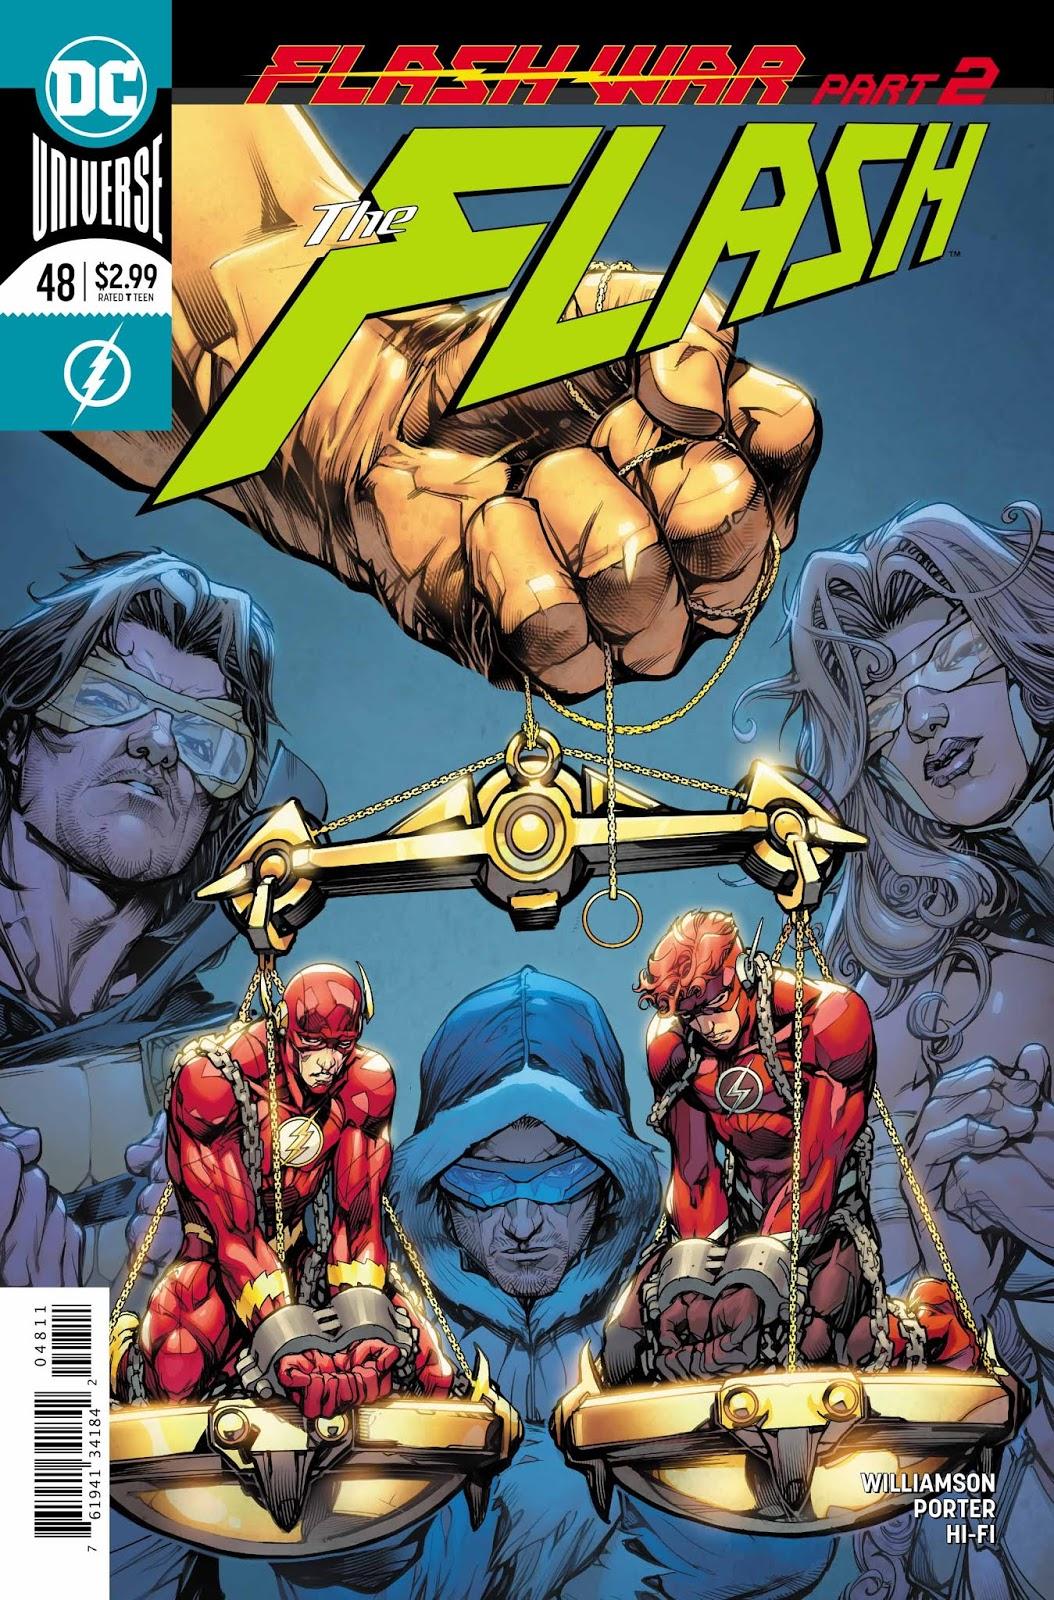 Capa de The Flash #48 por Howard Porter.